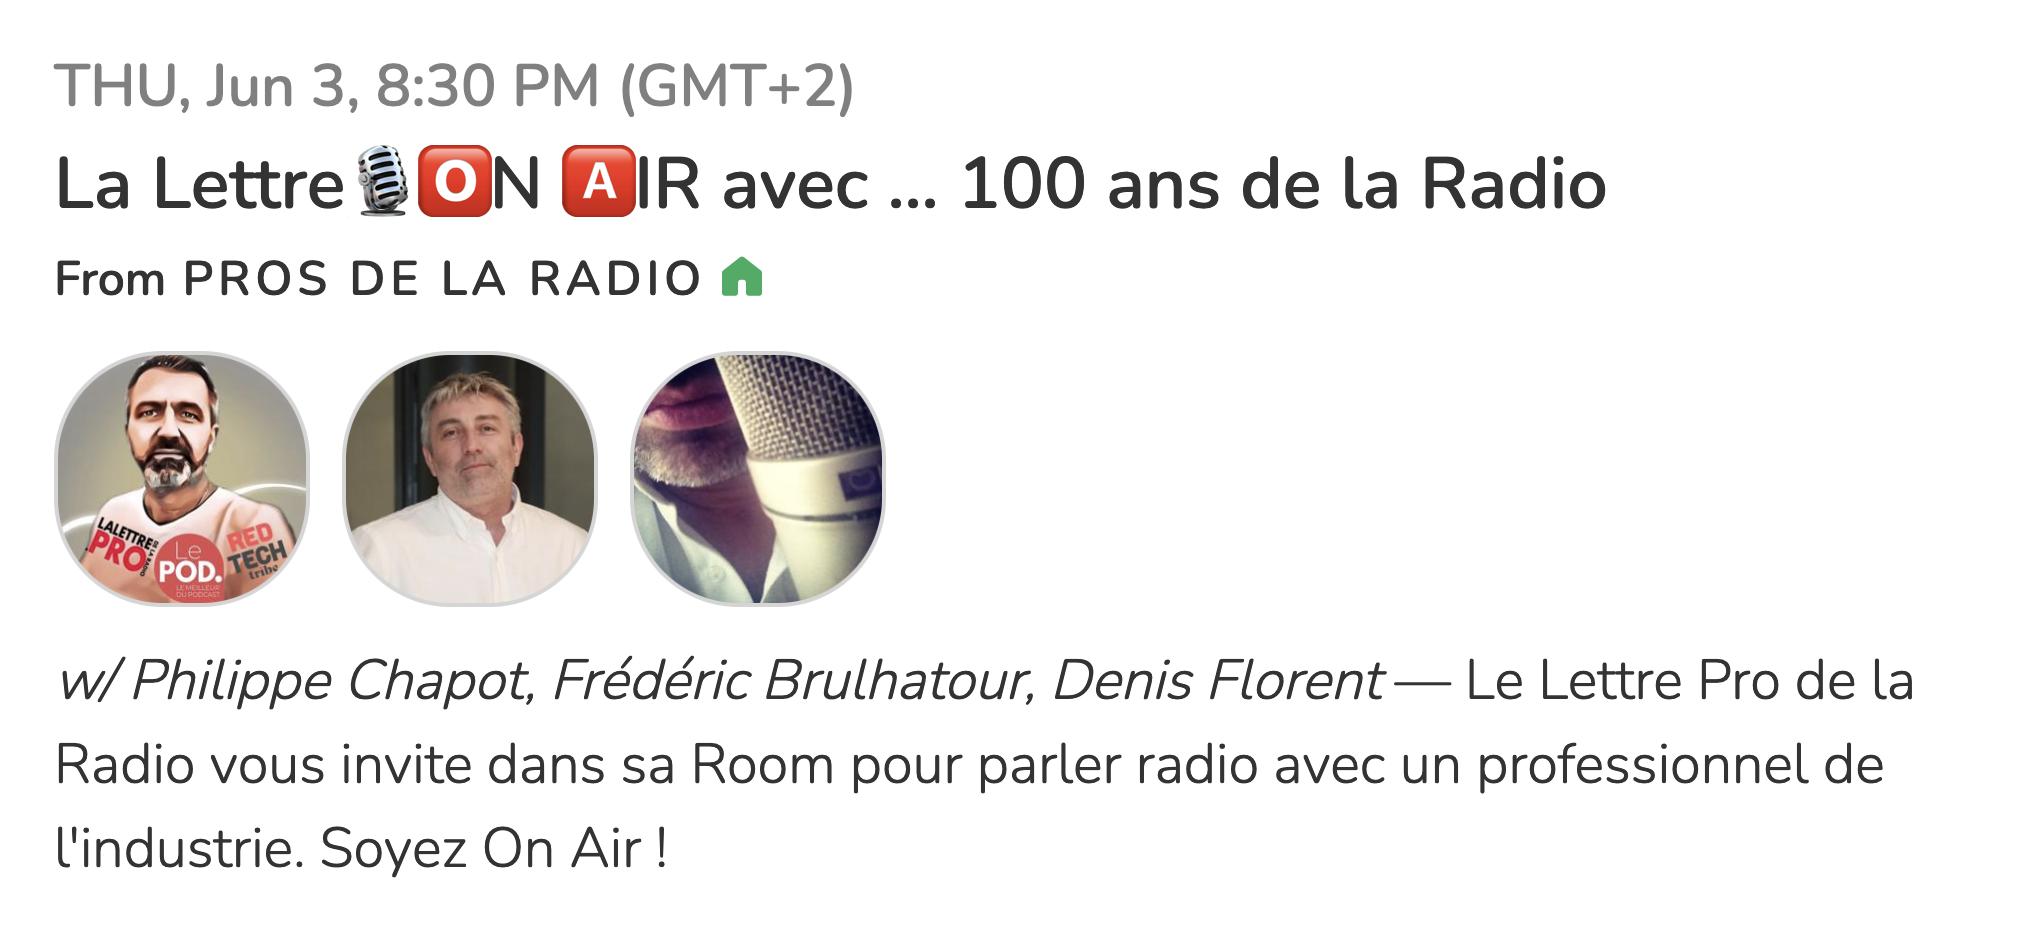 Ce soir à 21h, venez parler de la radio !